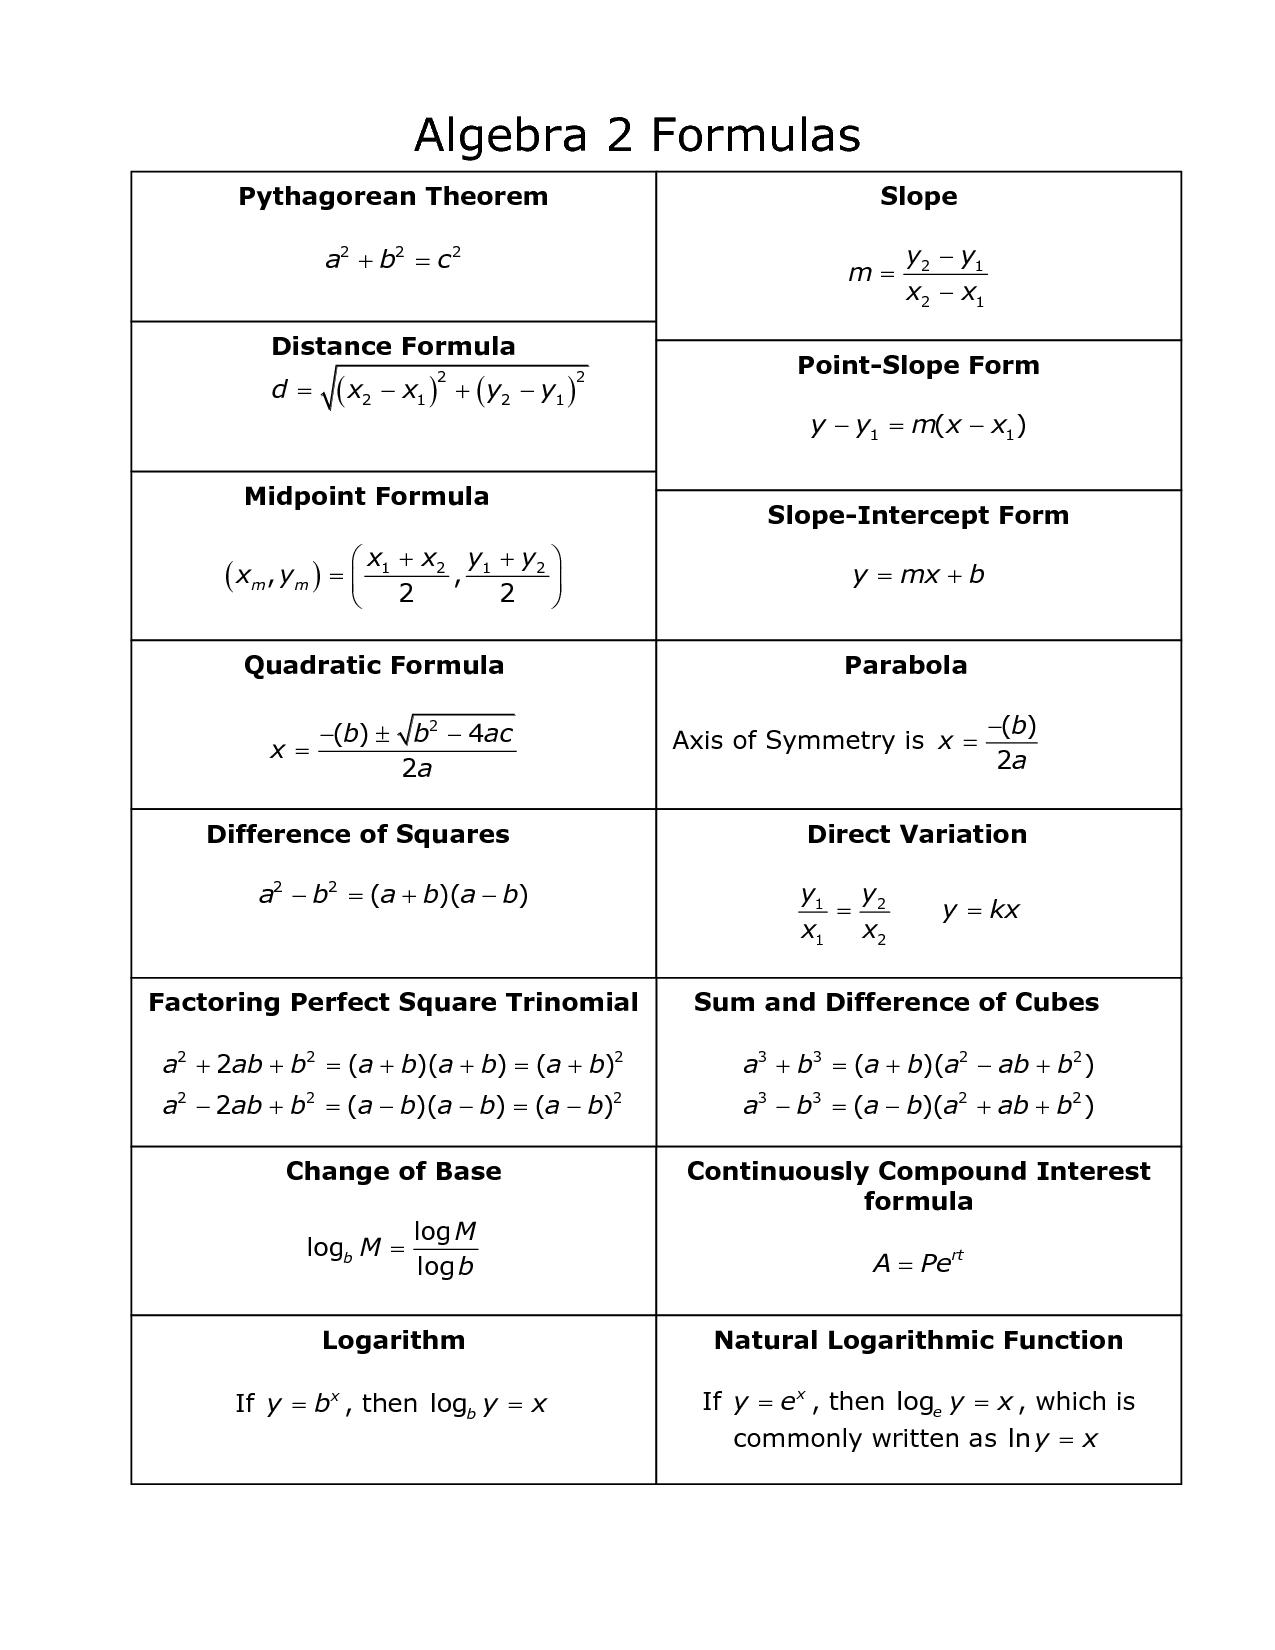 mathematics standard 2 formula sheet  Image result for algebra formula sheet | Algebra formulas ...